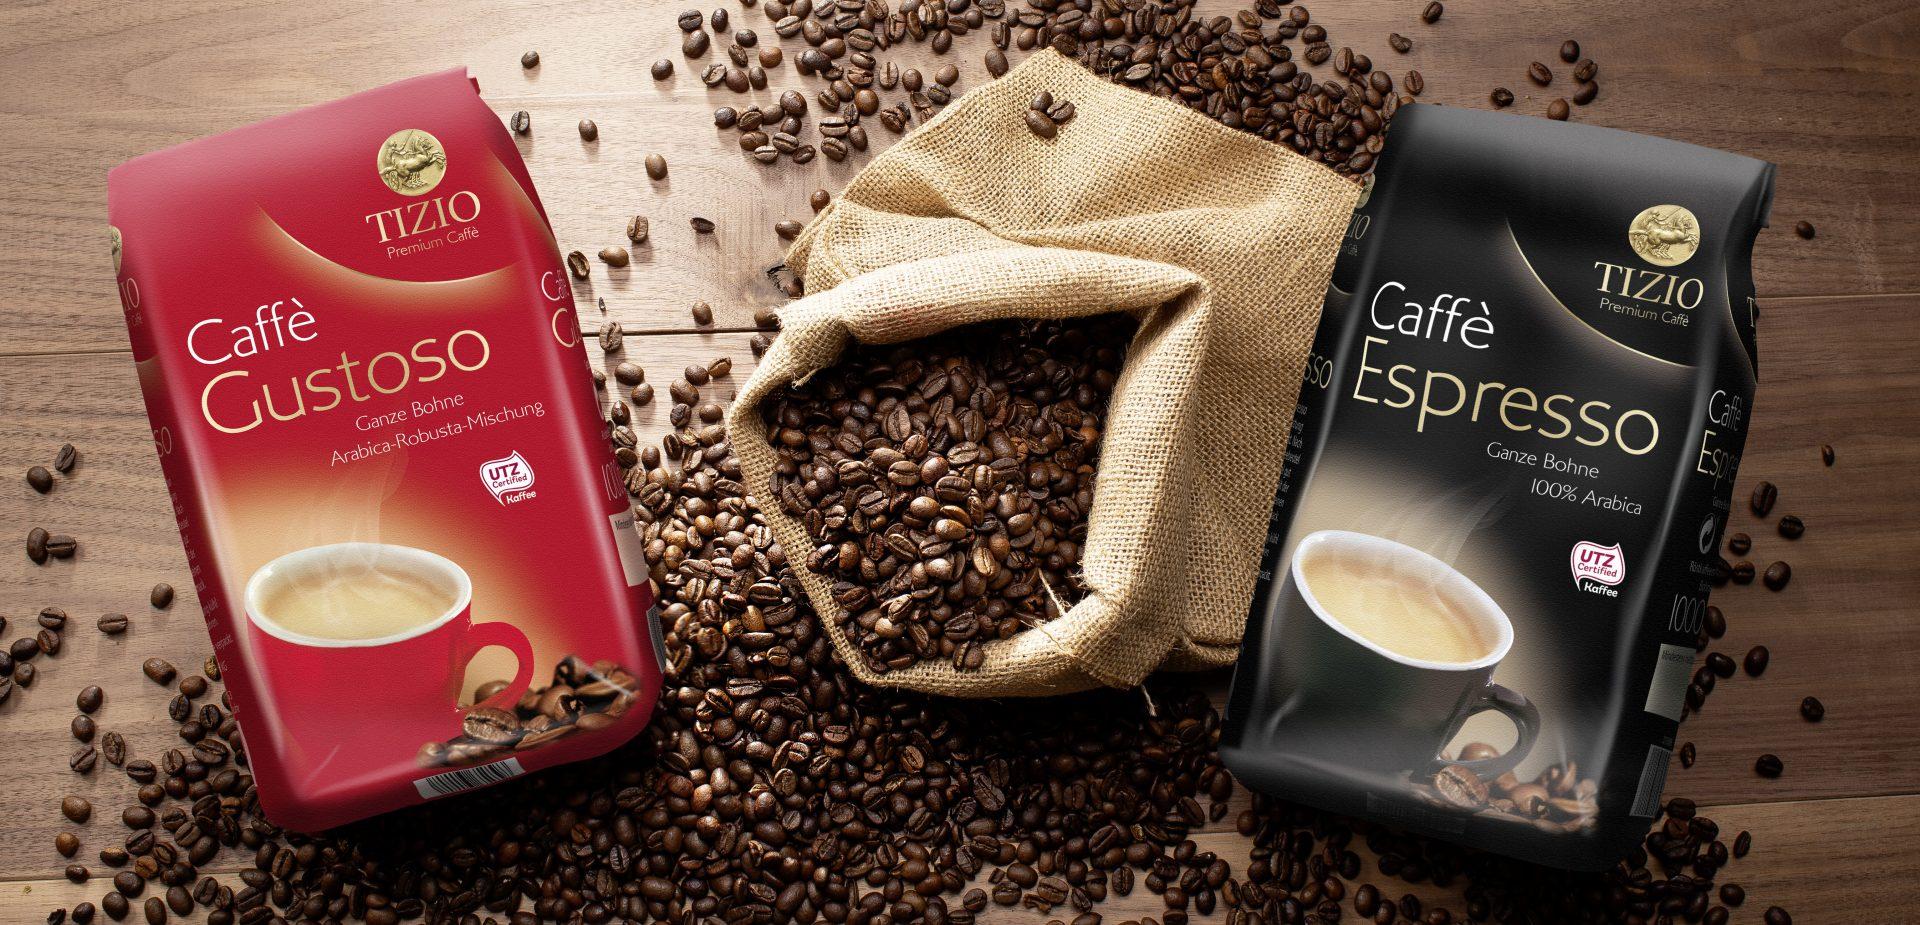 Verpackungsdesign Malvega: Tizio Caffe